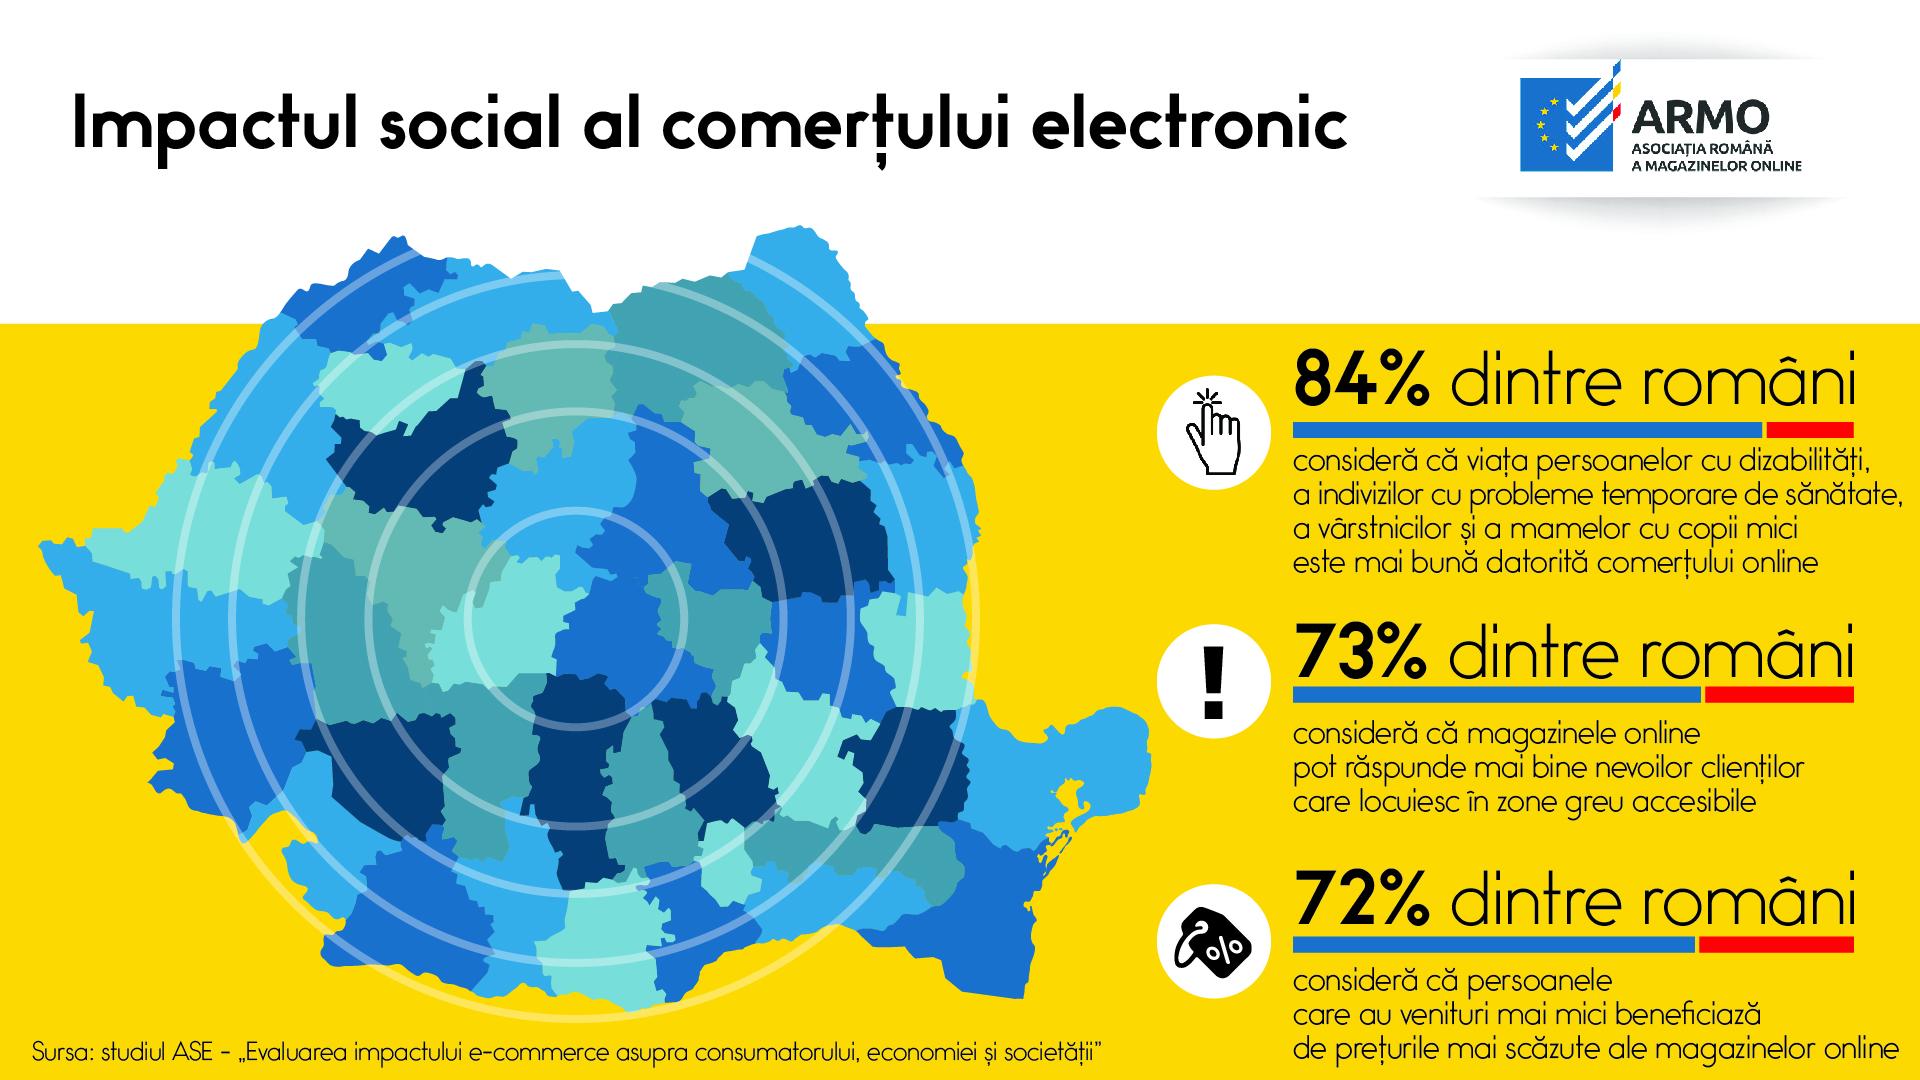 Comerțul electronic aduce numeroase beneficii grupurilor vulnerabile